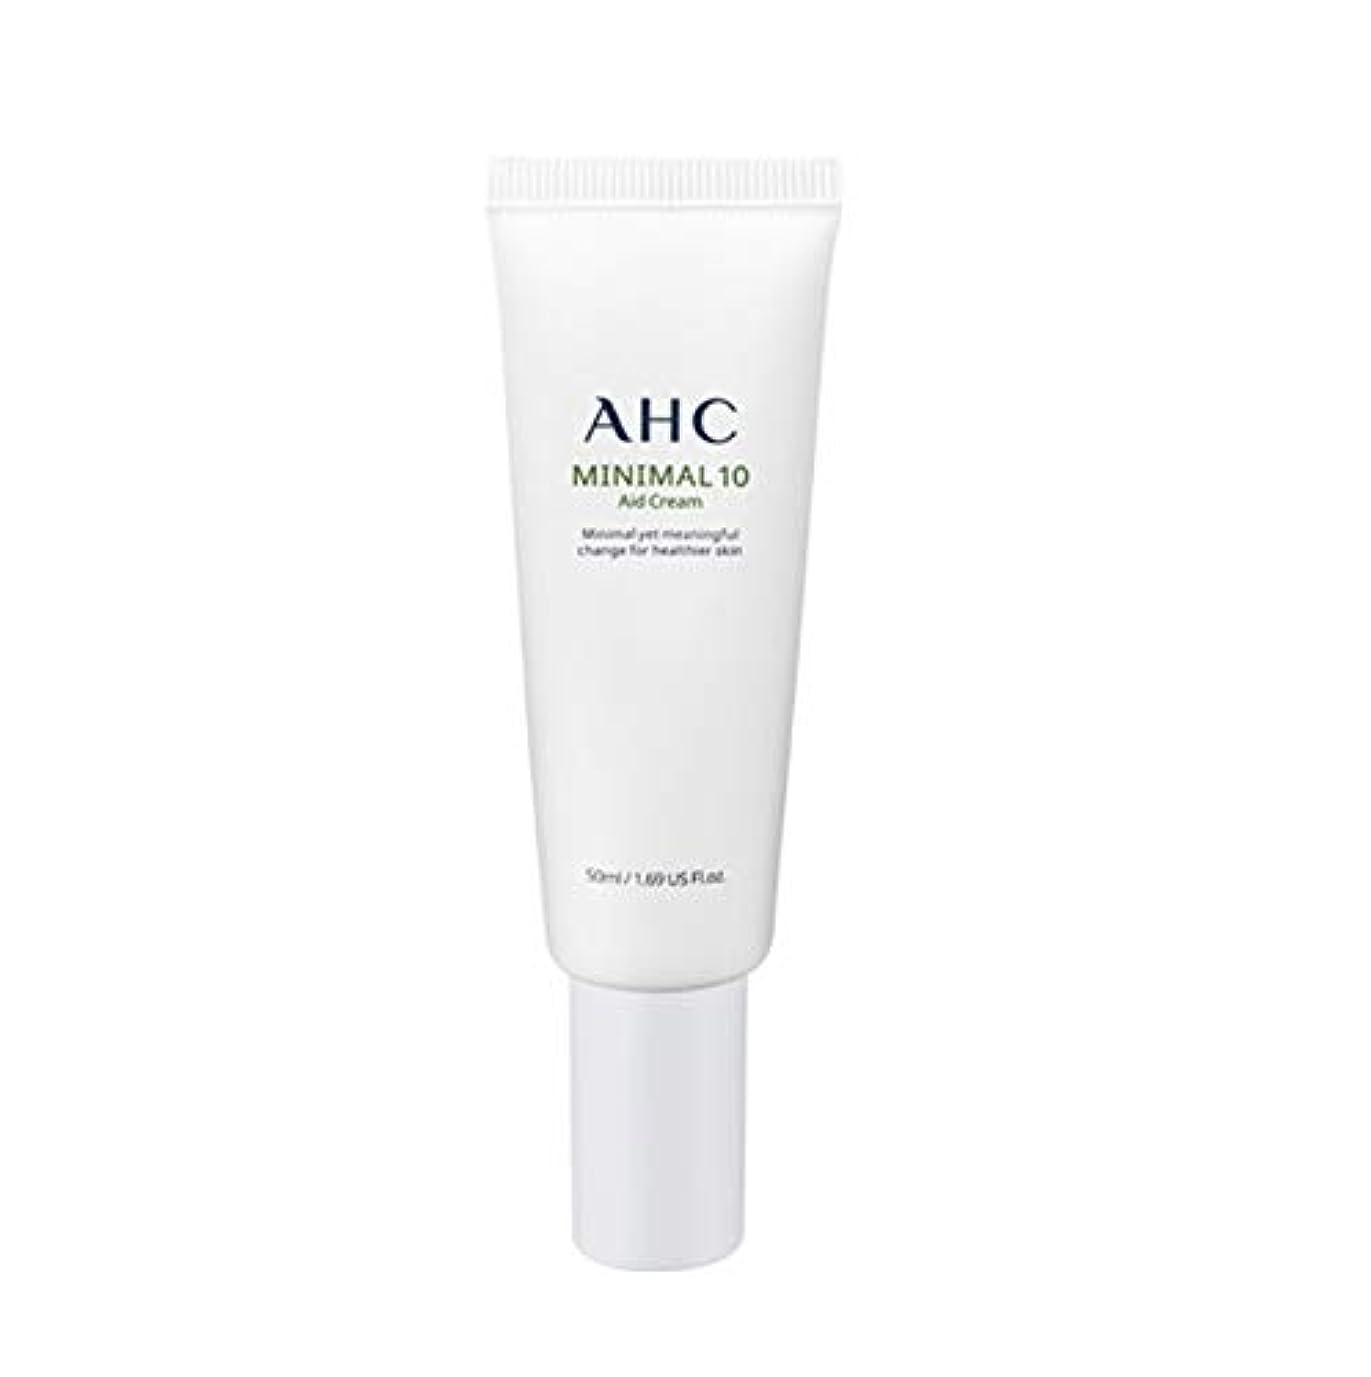 印象的固体不明瞭AHC ミニマル10エイドクリーム 50ml / AHC MINIMAL 10 AID CREAM 50ml [並行輸入品]